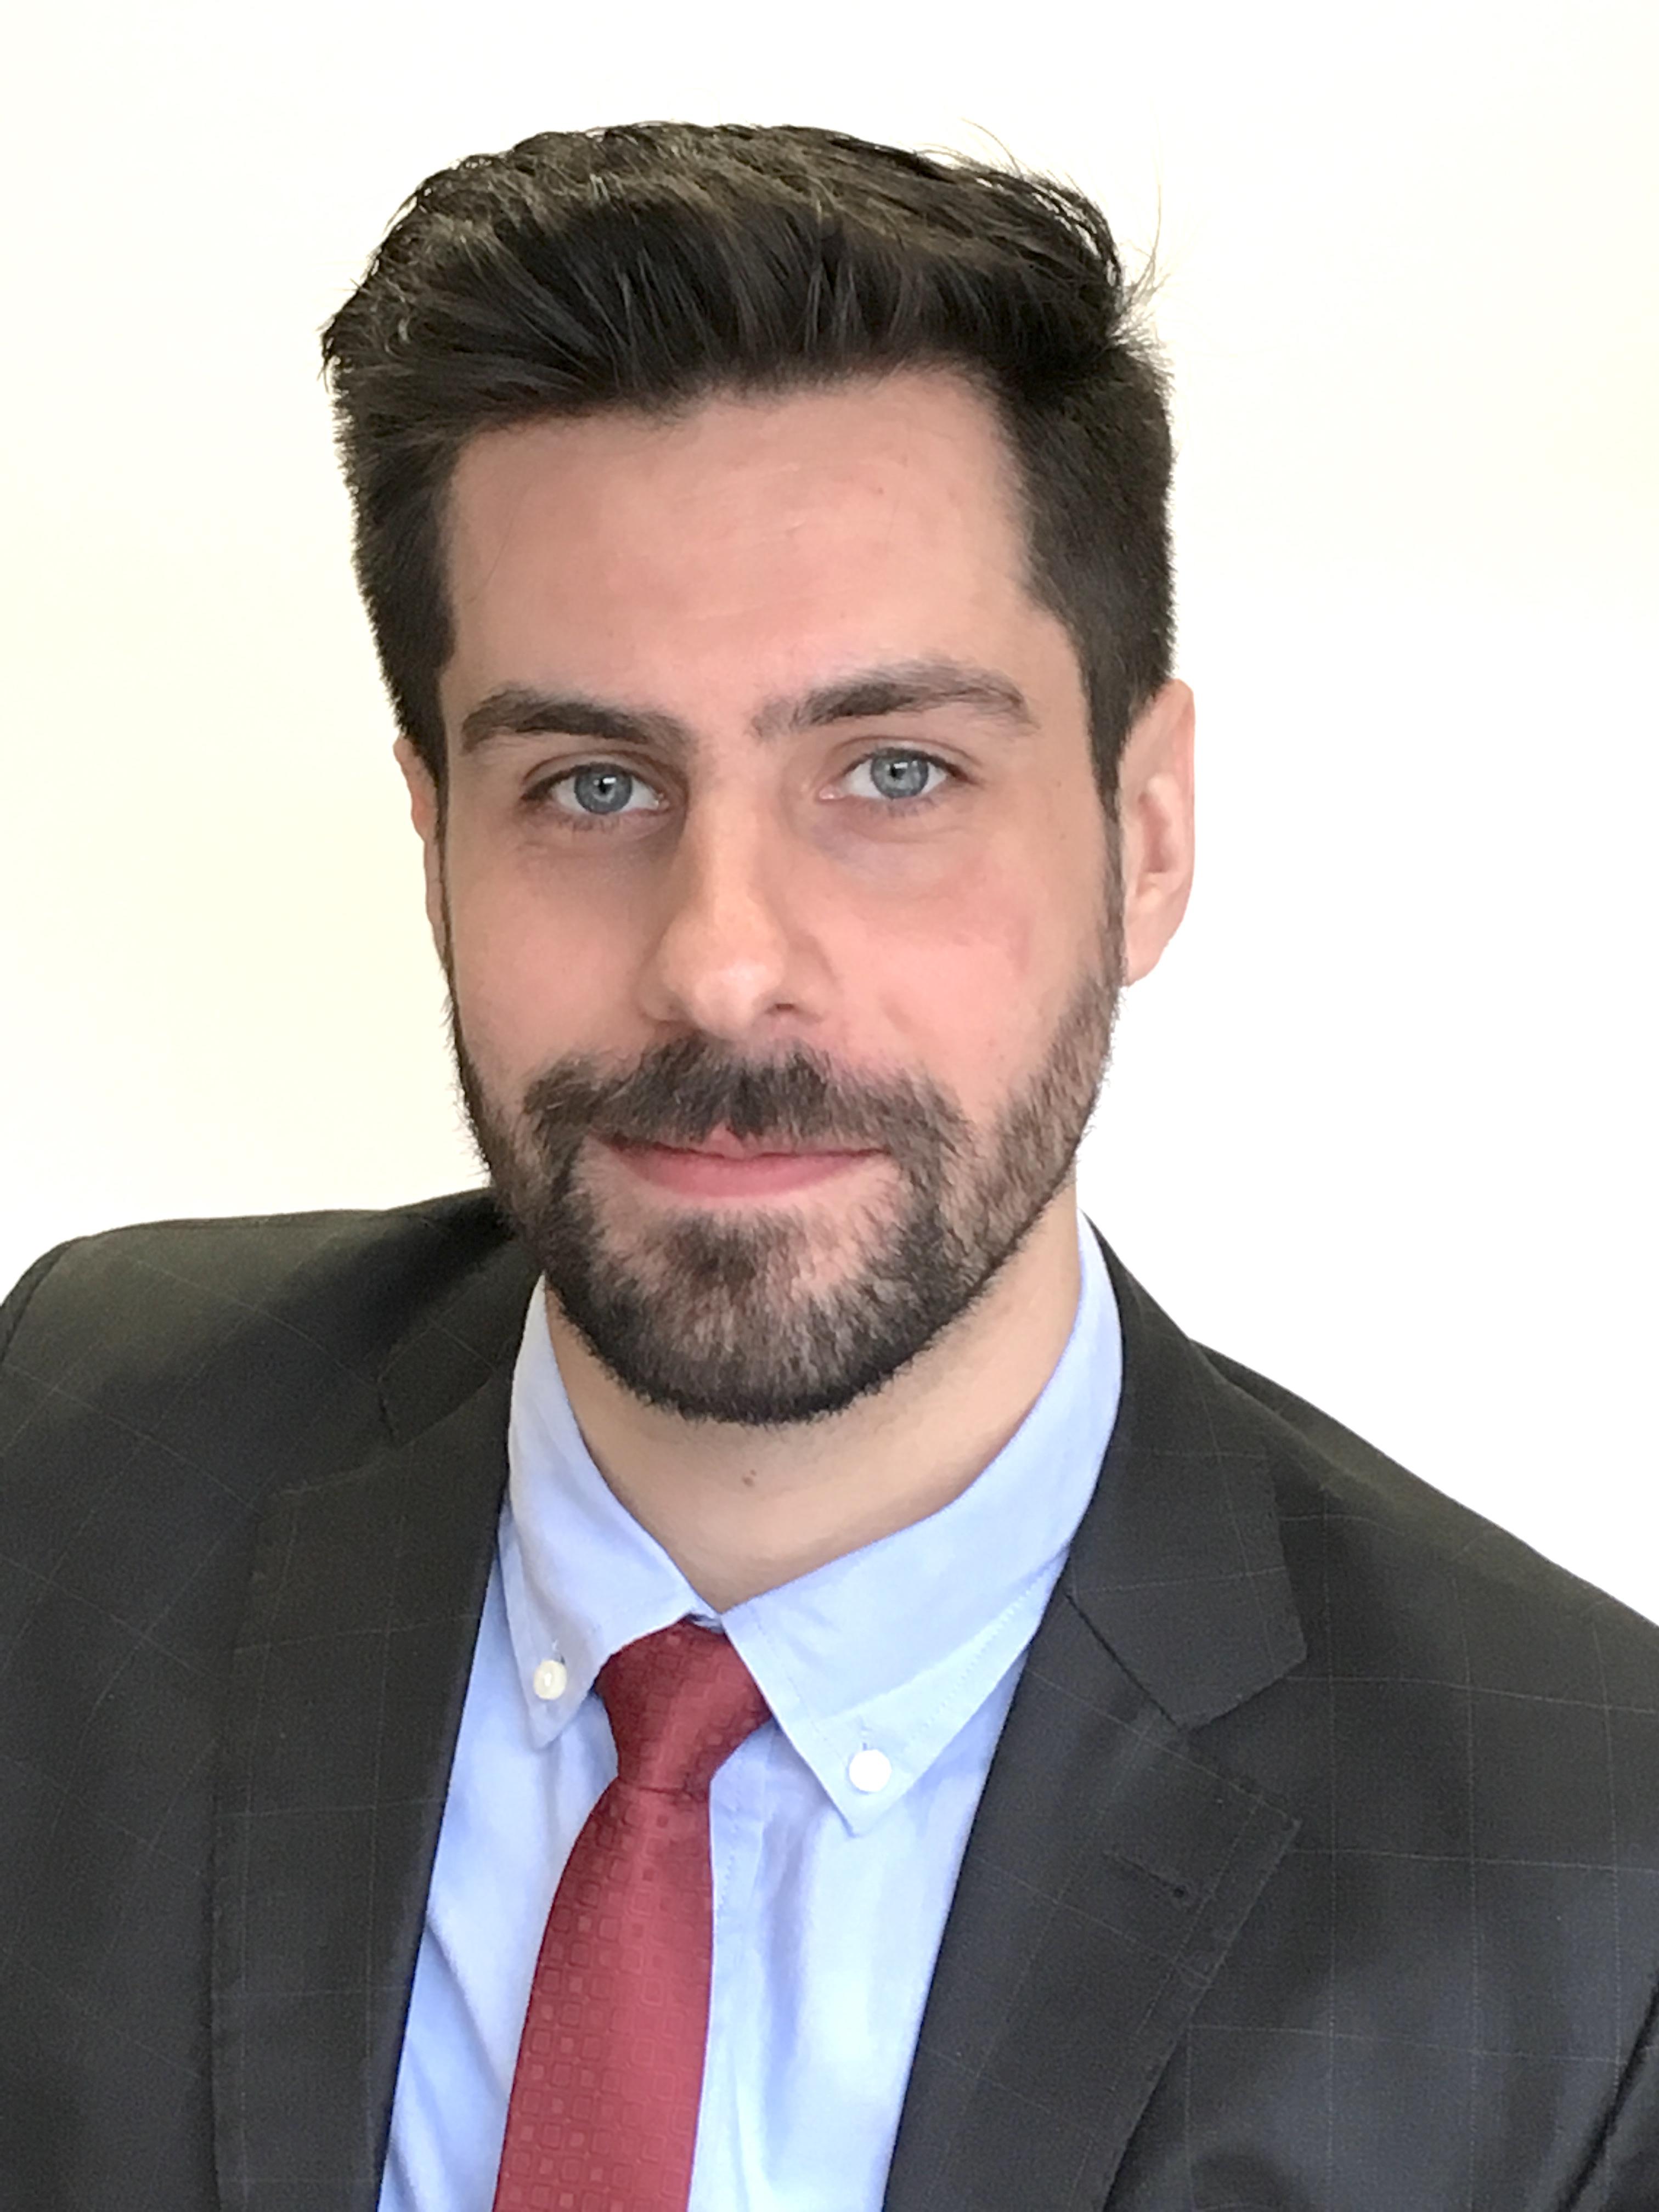 Mauricio R. Nothen